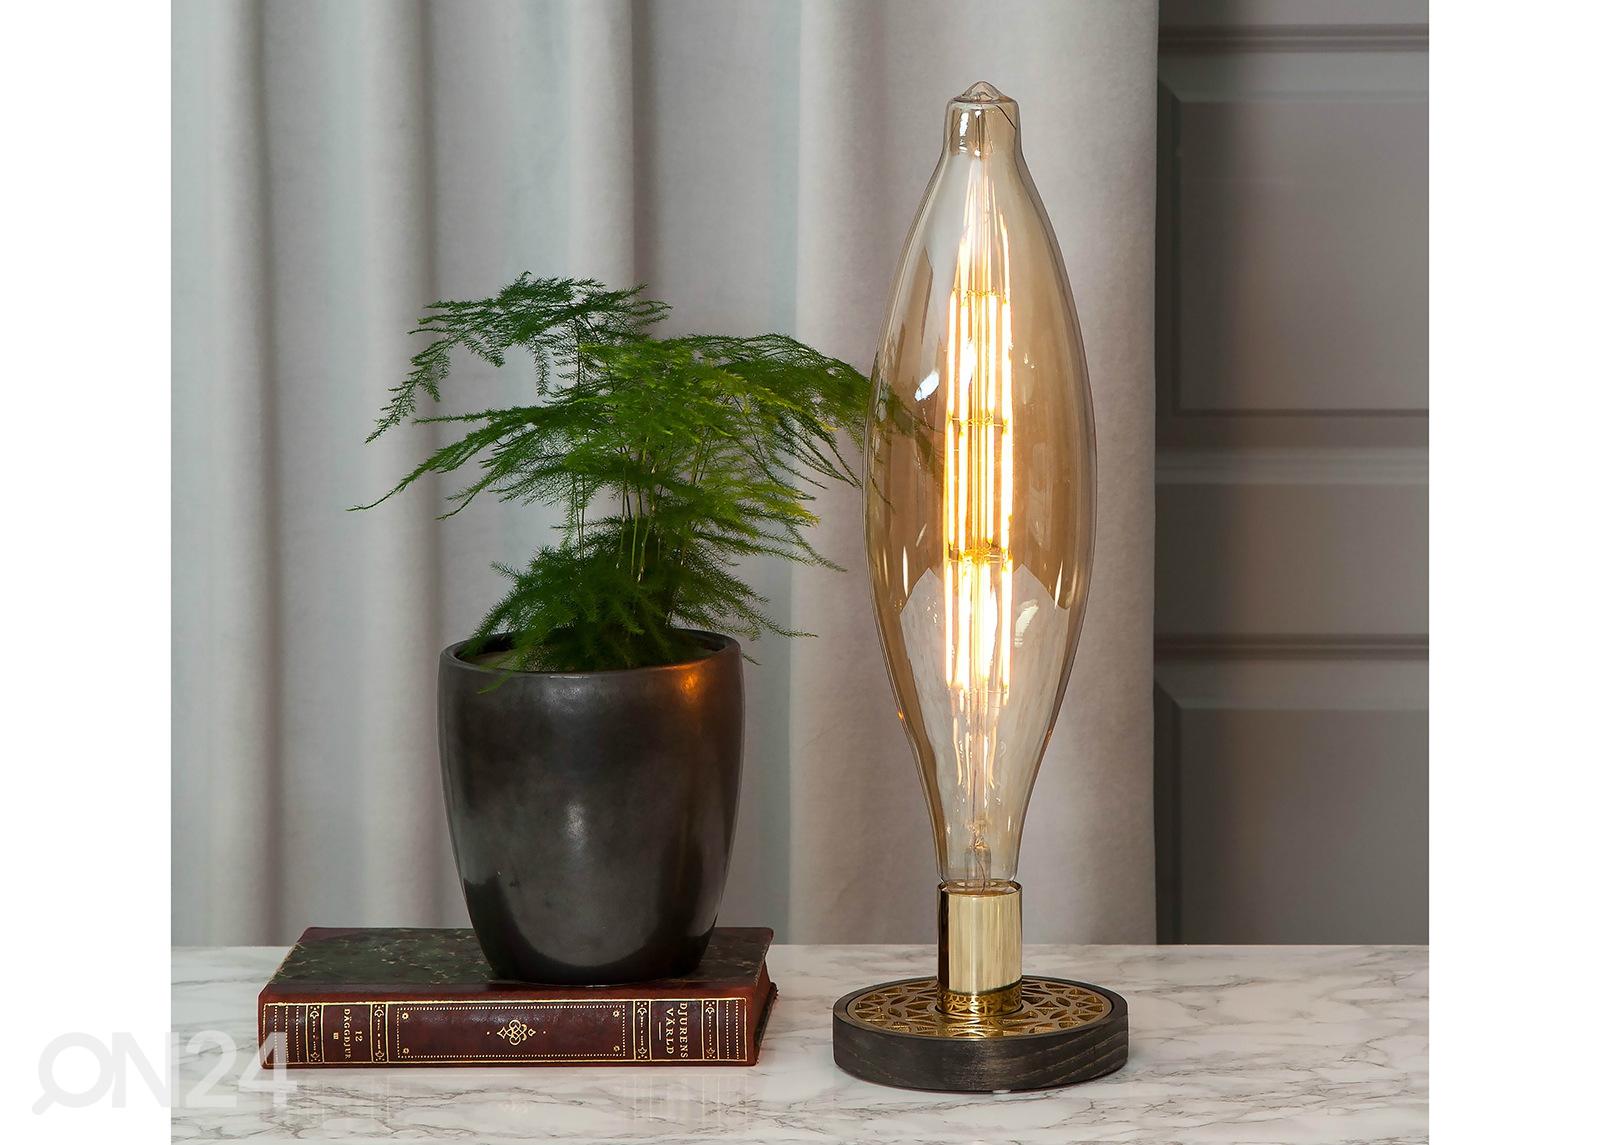 38296bfbbc4 Dekoratiivne LED pirn E27 10 W AA-152418 - ON24 Sisustuskaubamaja